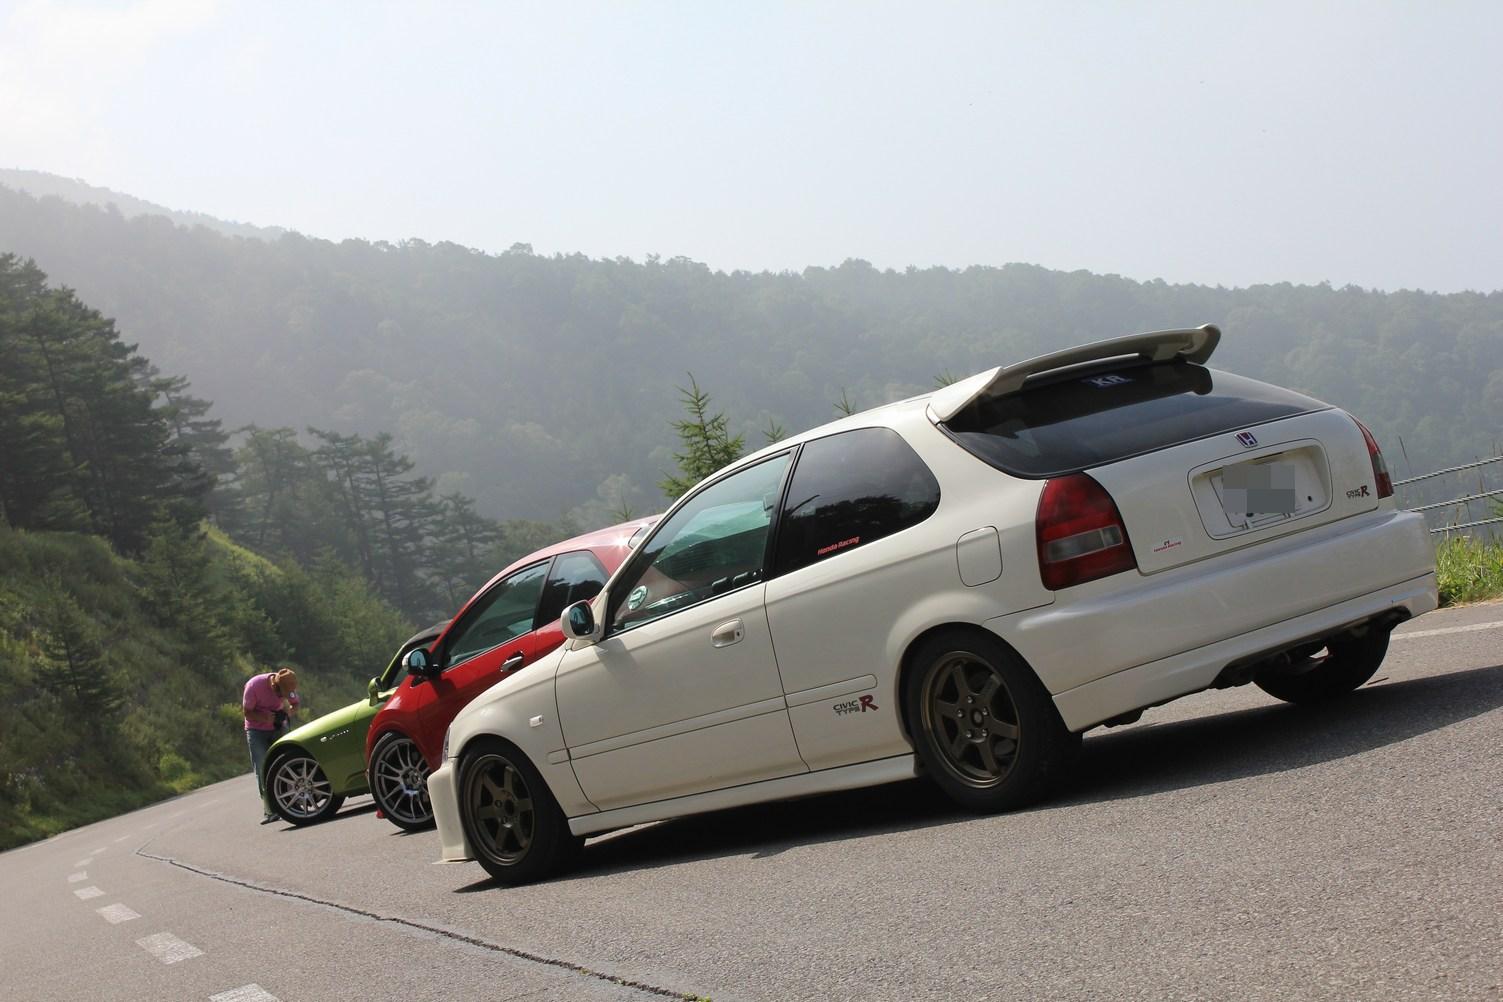 mountain pass, przełęcz, serpentyna, fury, auta, tuning, modyfikacje, Honda Civic VI, S2000, とうげ